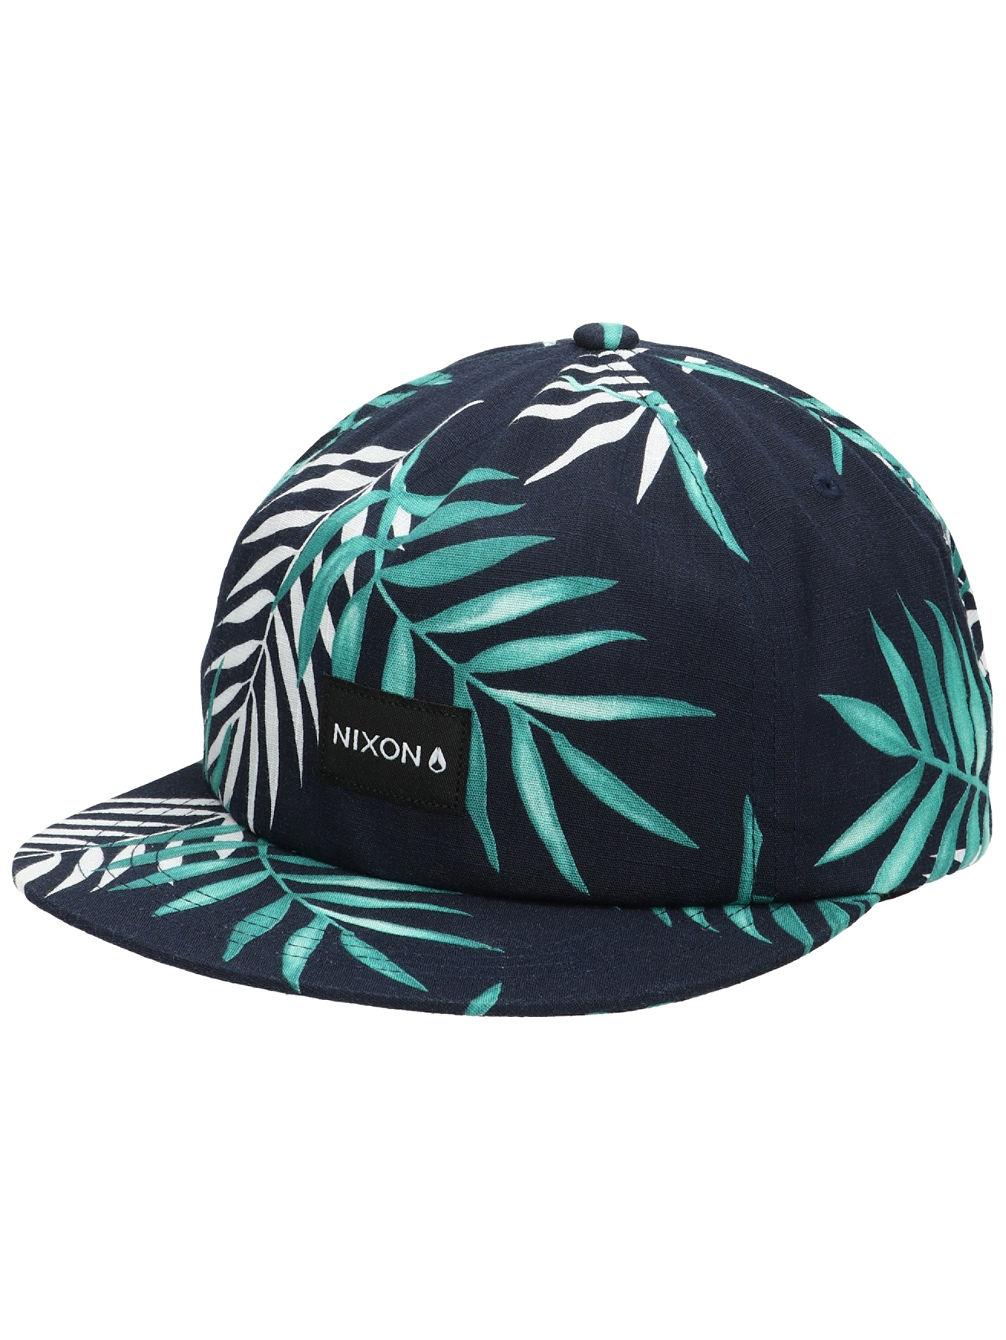 Buy Nixon Tropics Snapback Cap online at blue-tomato.com 99083d141c76